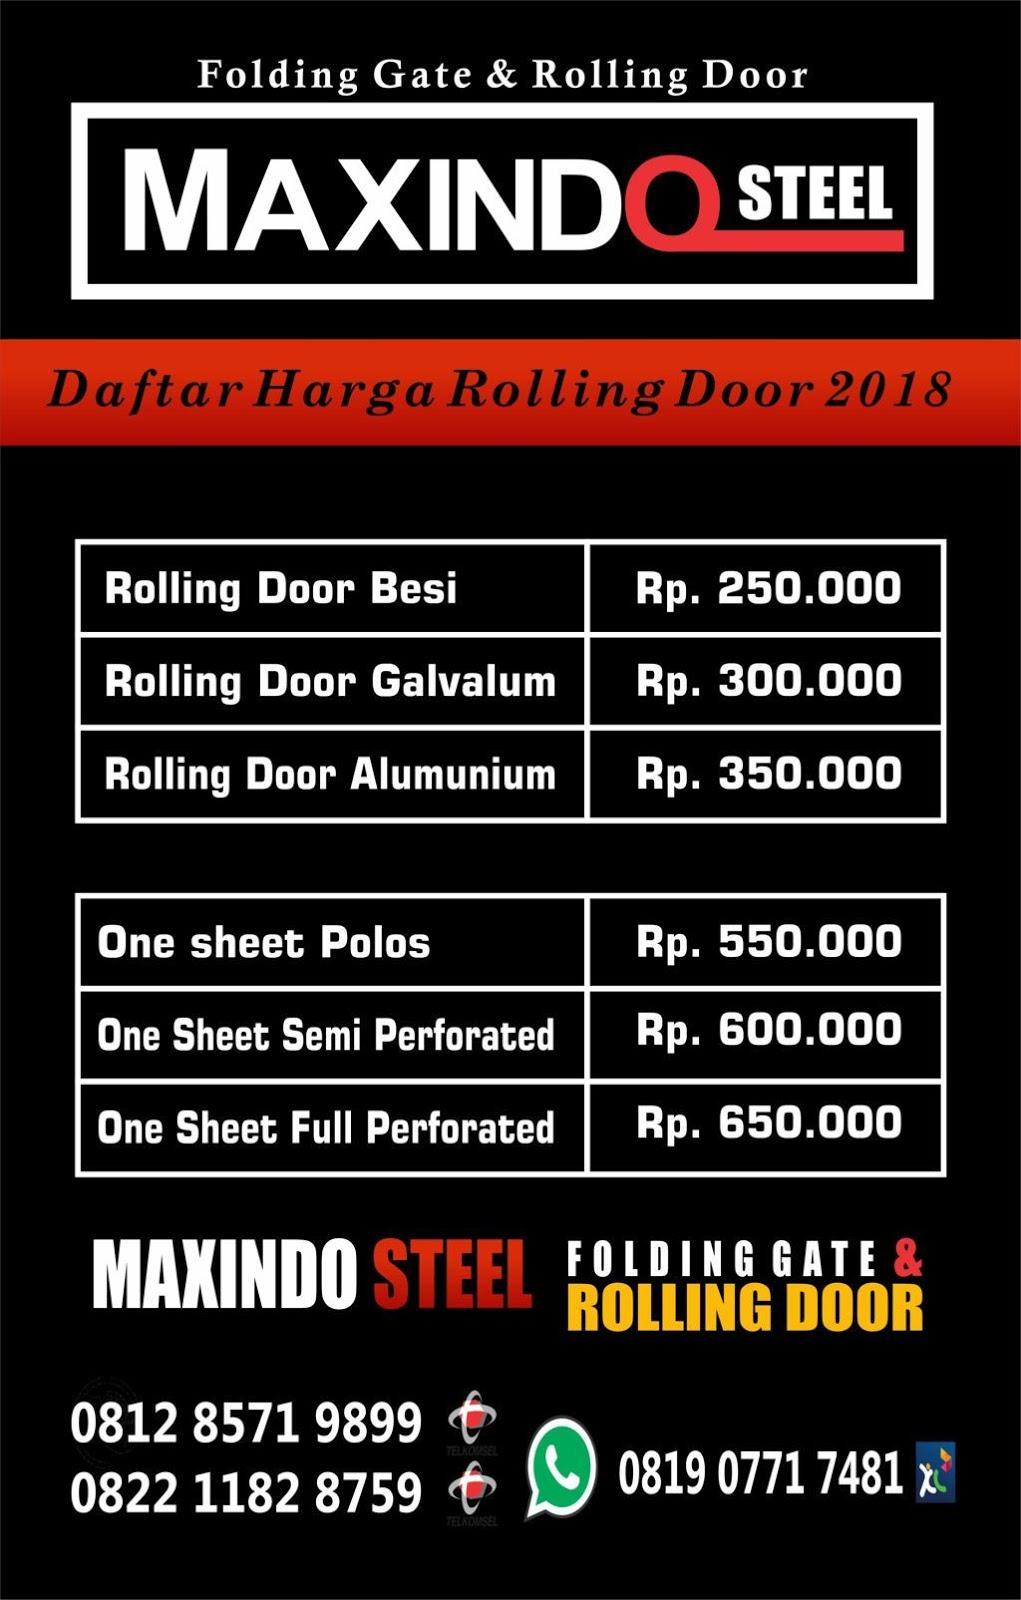 daftar harga rolling door dan folding gate harga rolling door